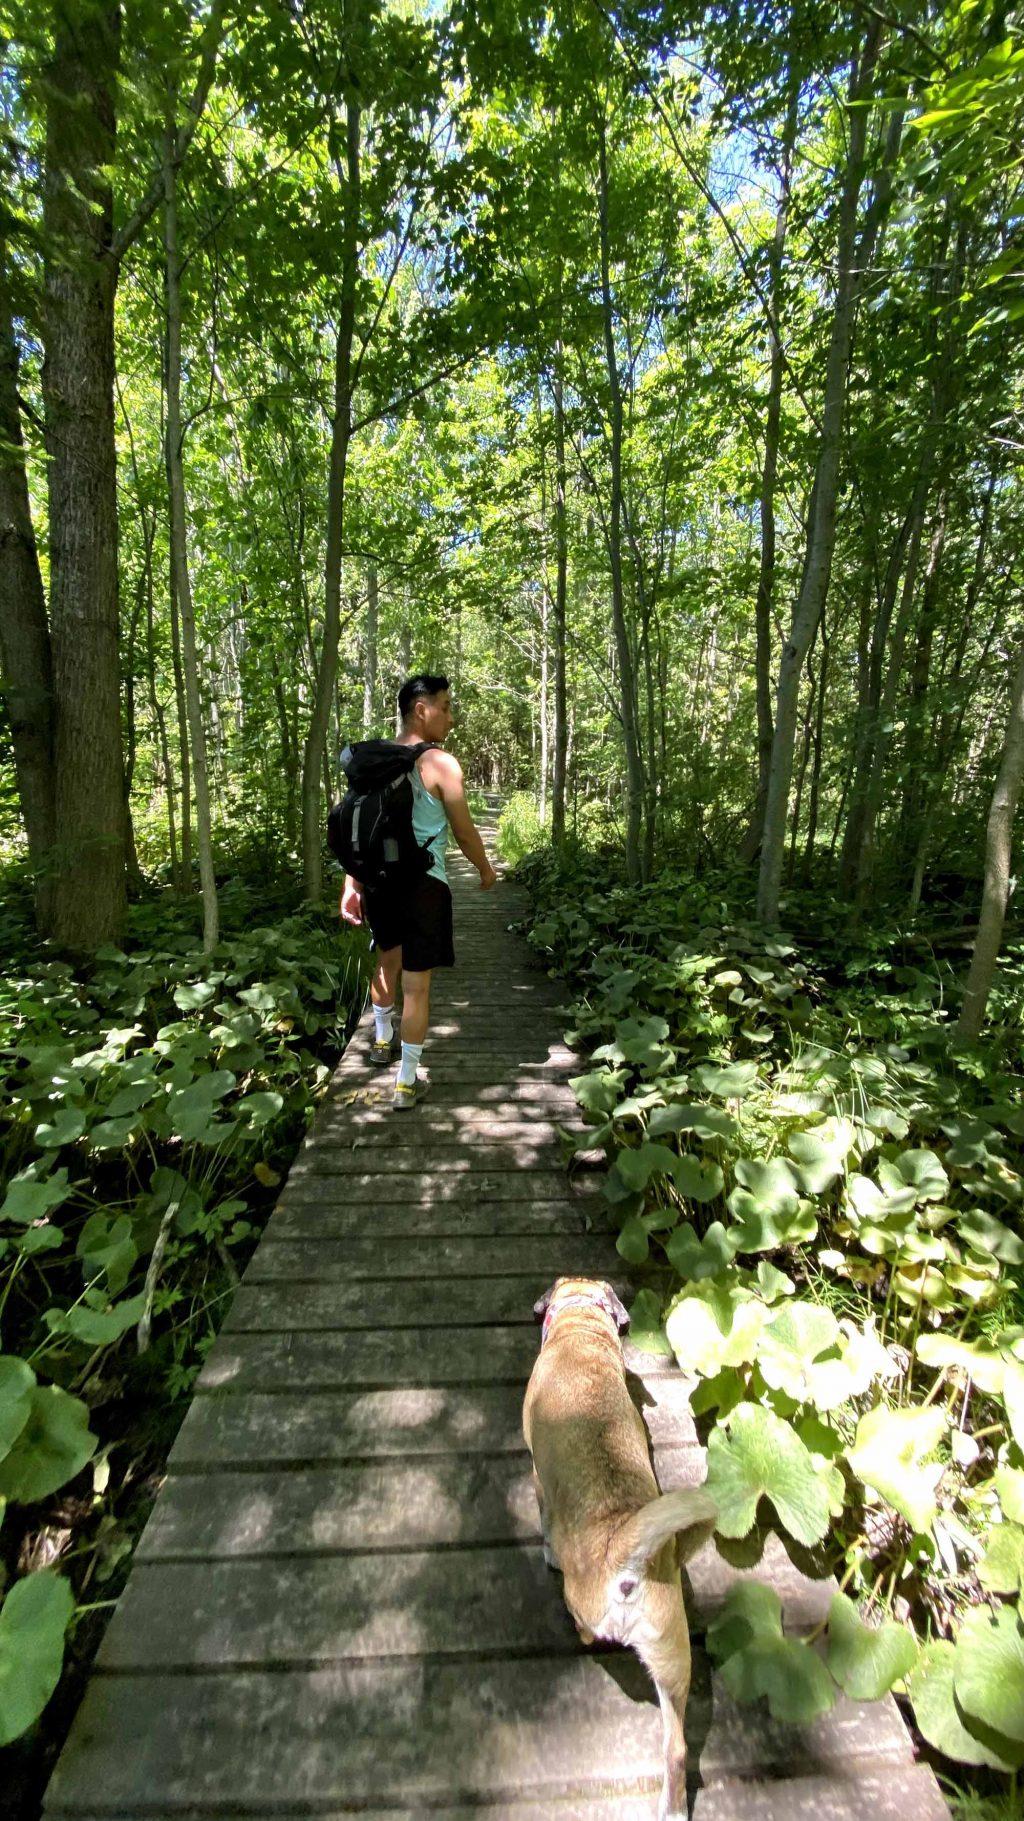 Canada con đường mòn rợp cây